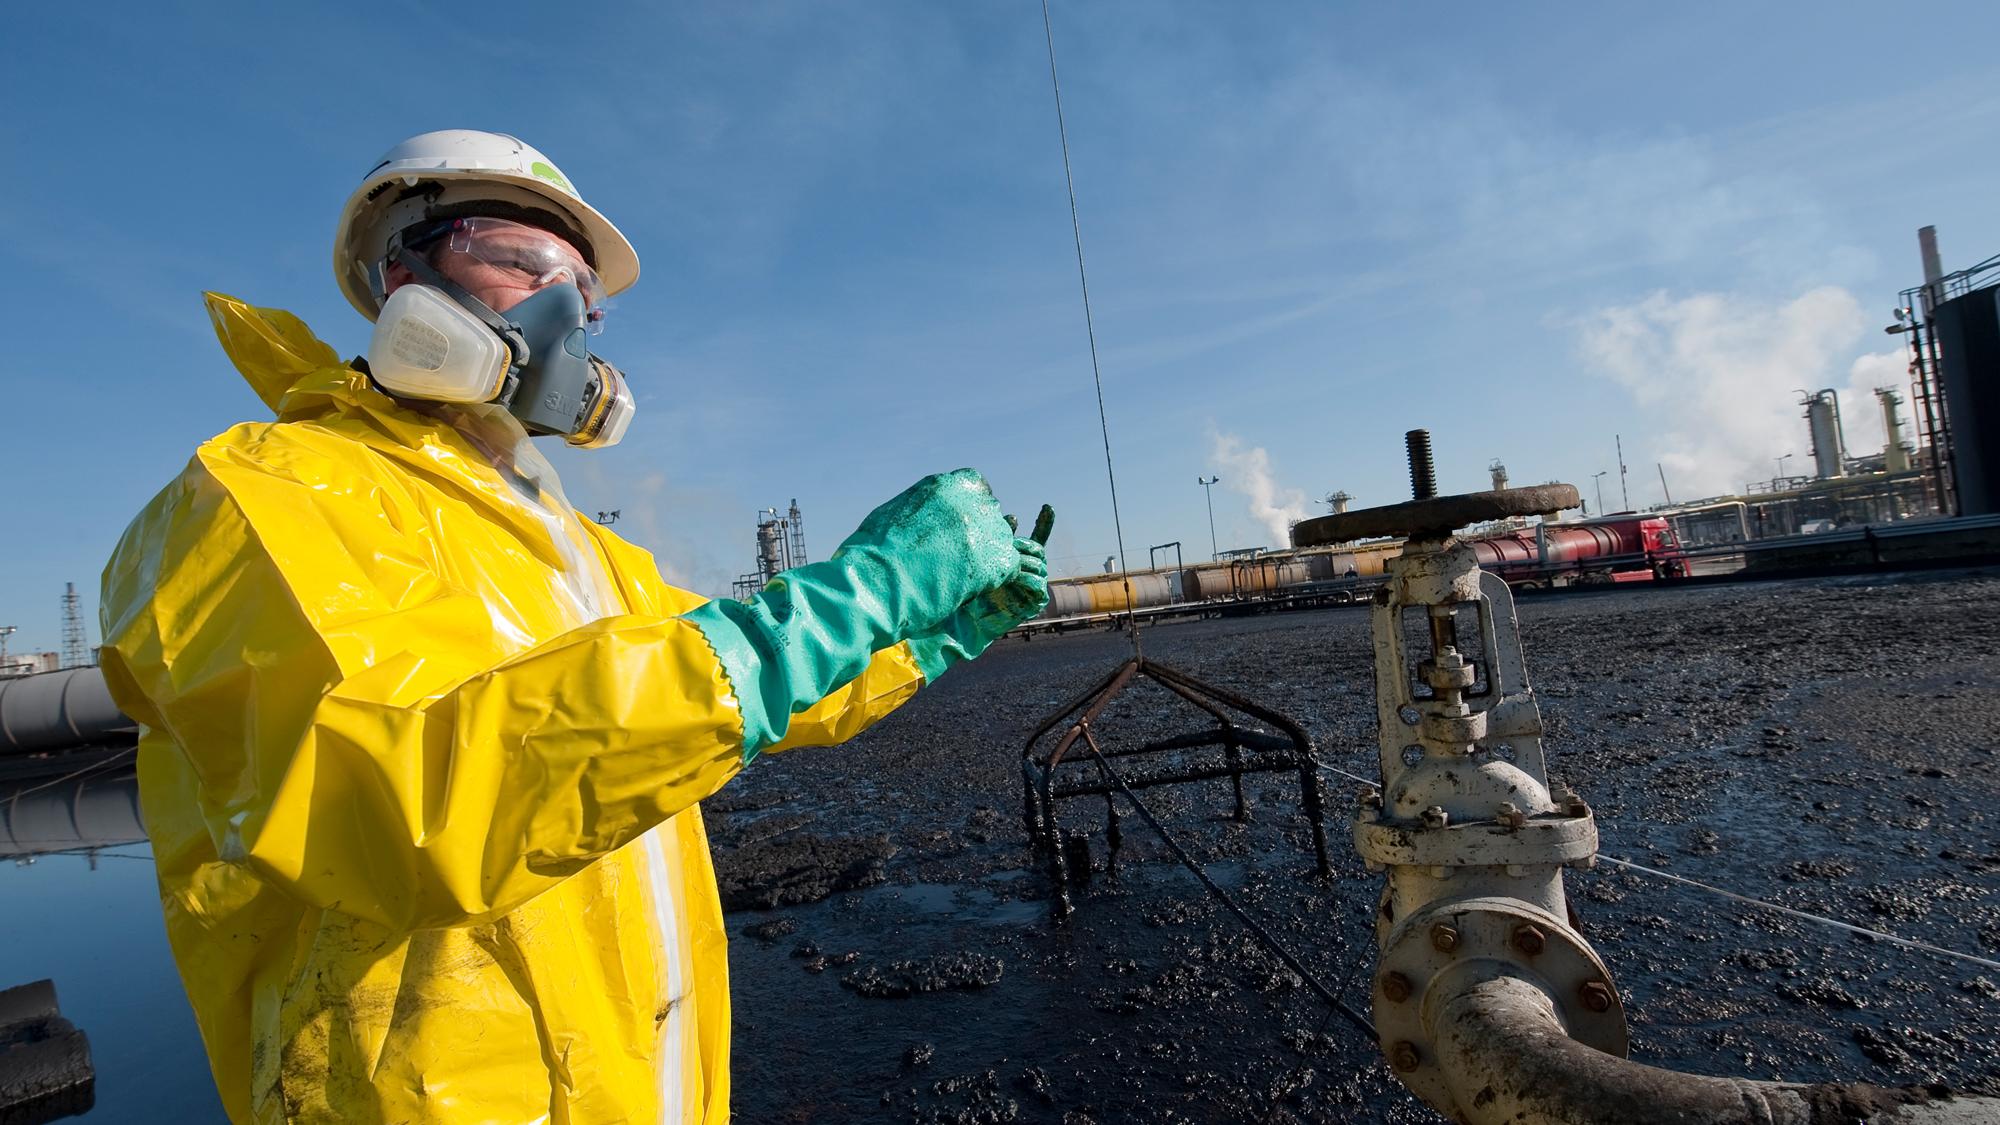 Hazardous waste management - SUEZ Australia & New Zealand